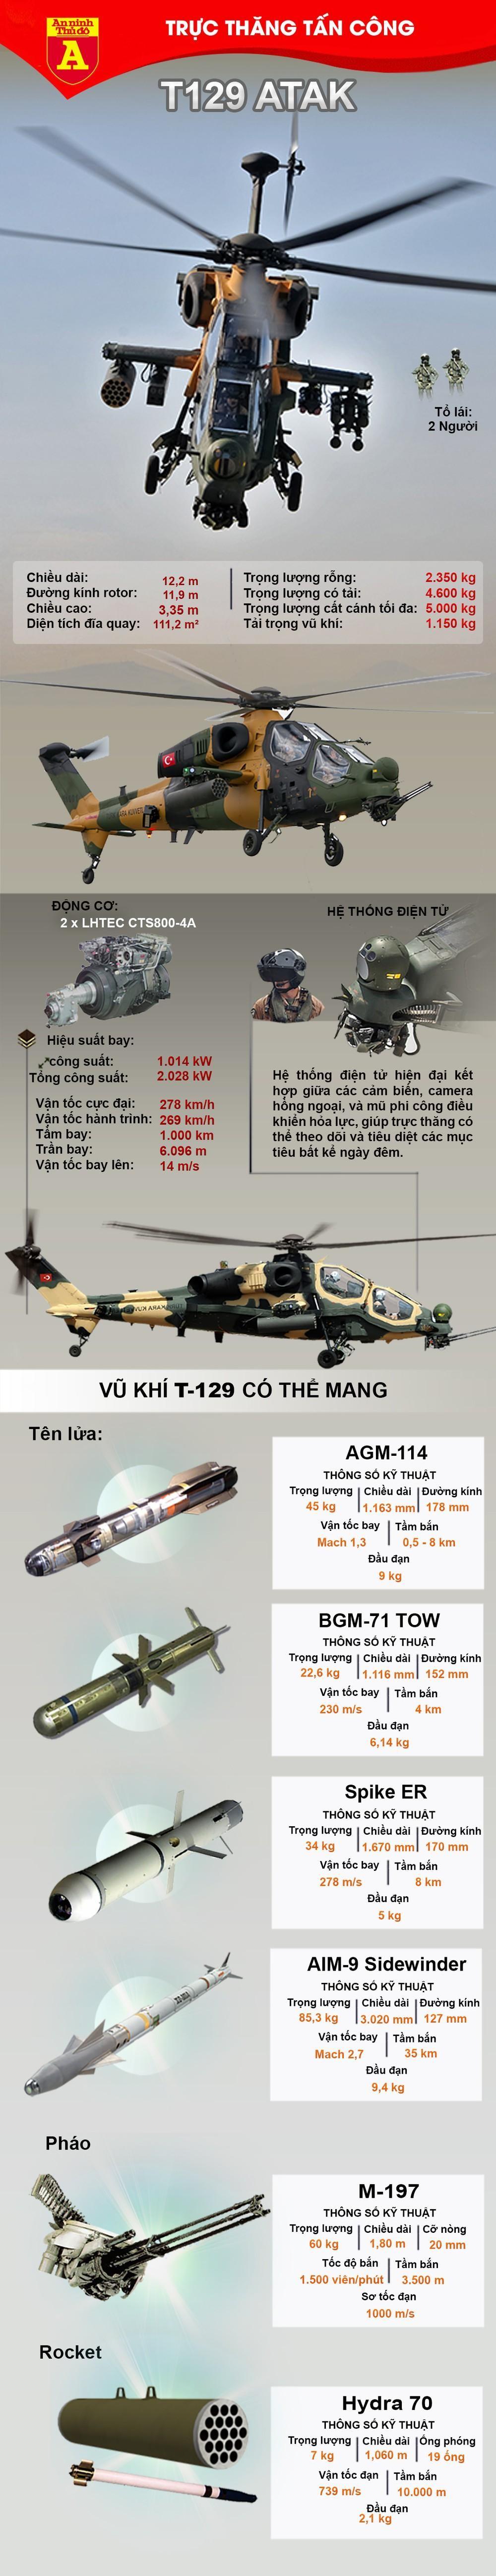 [Info] Mỹ 'mở trói', Philippines chuẩn bị có trực thăng tấn công cực mạnh ảnh 2